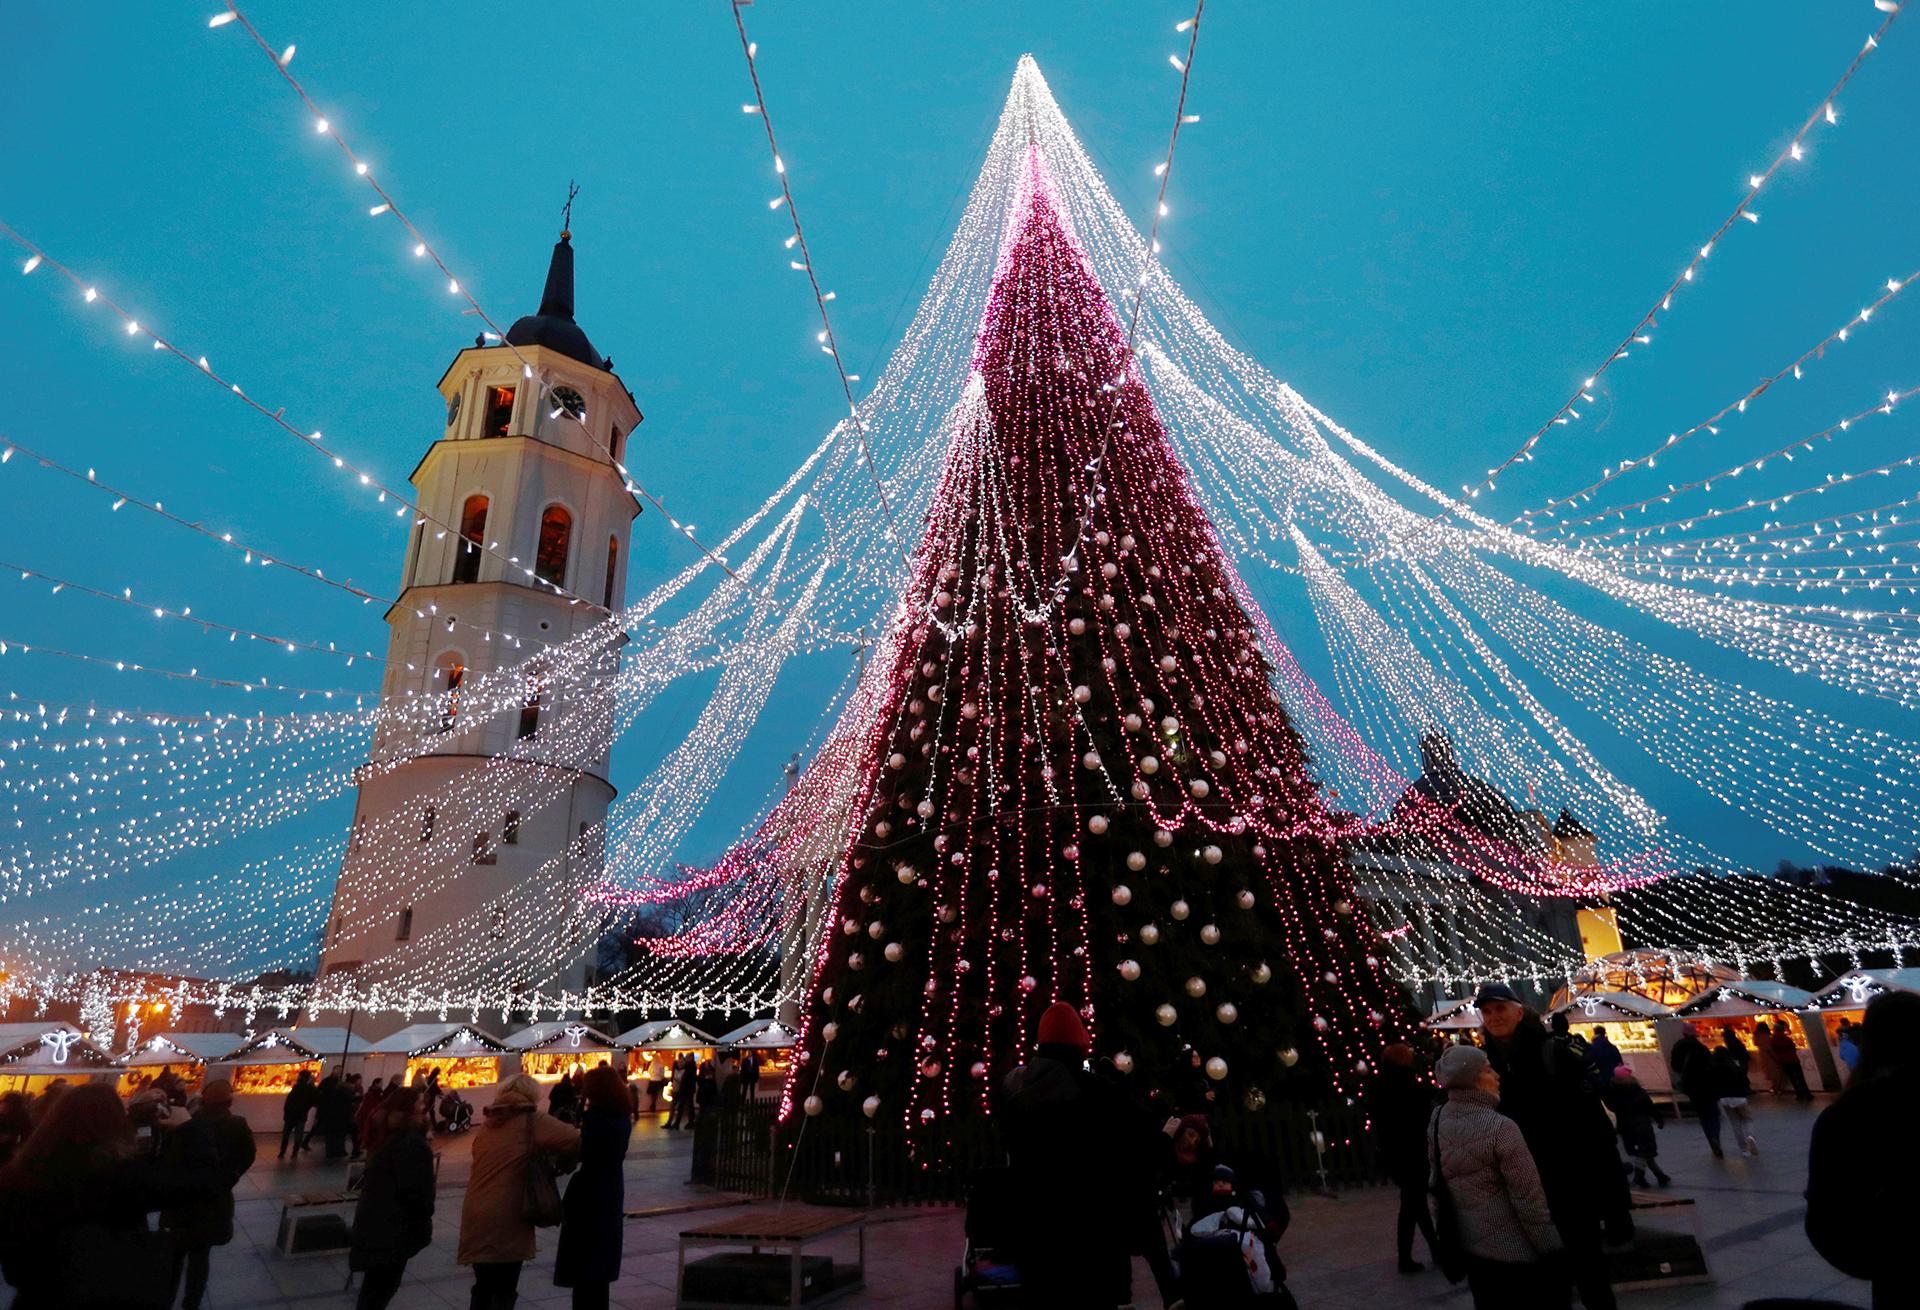 Una de las versiones más originales se puede ver en Vilnius, Lituania